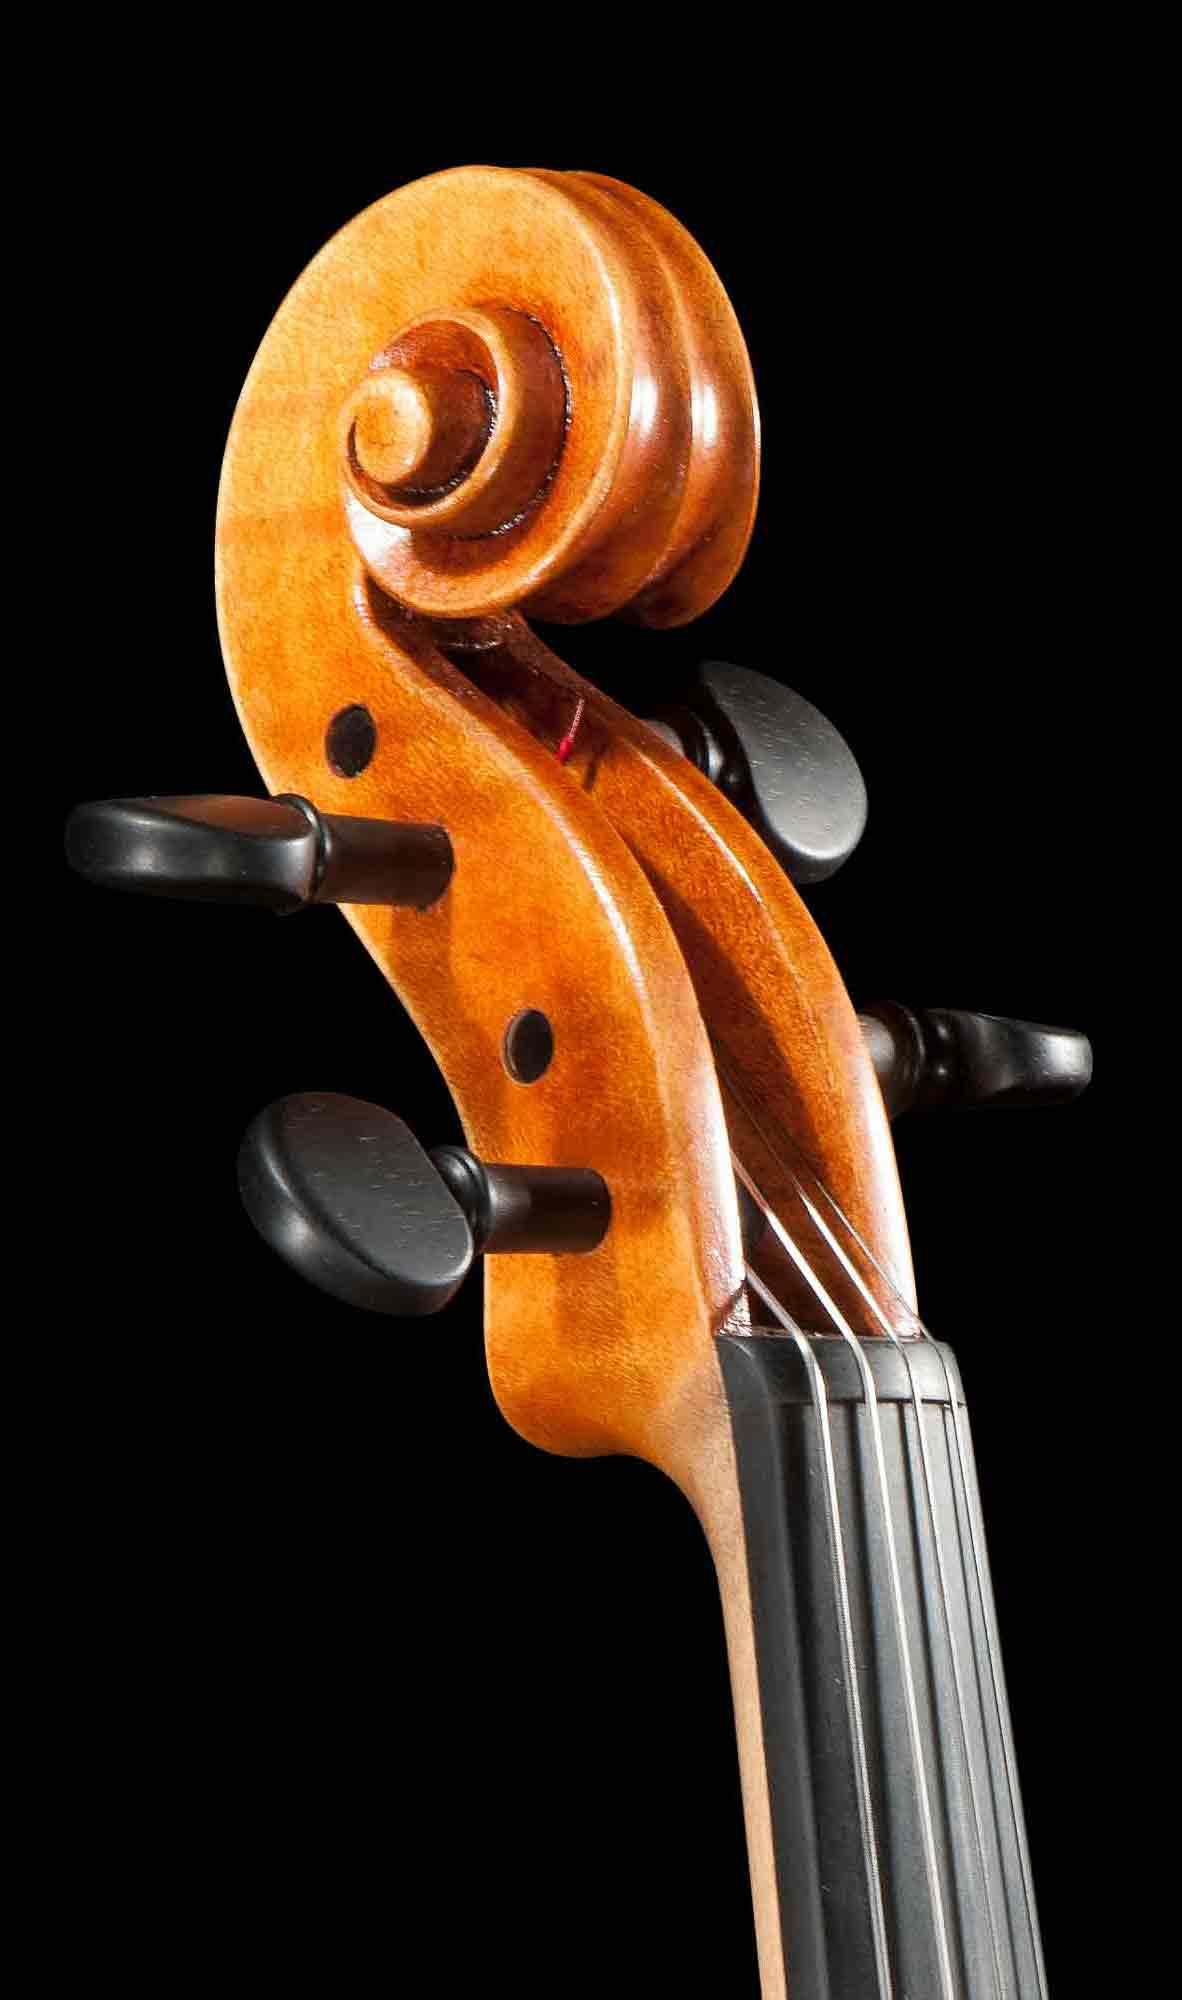 Turiner Viola, Schnecke.